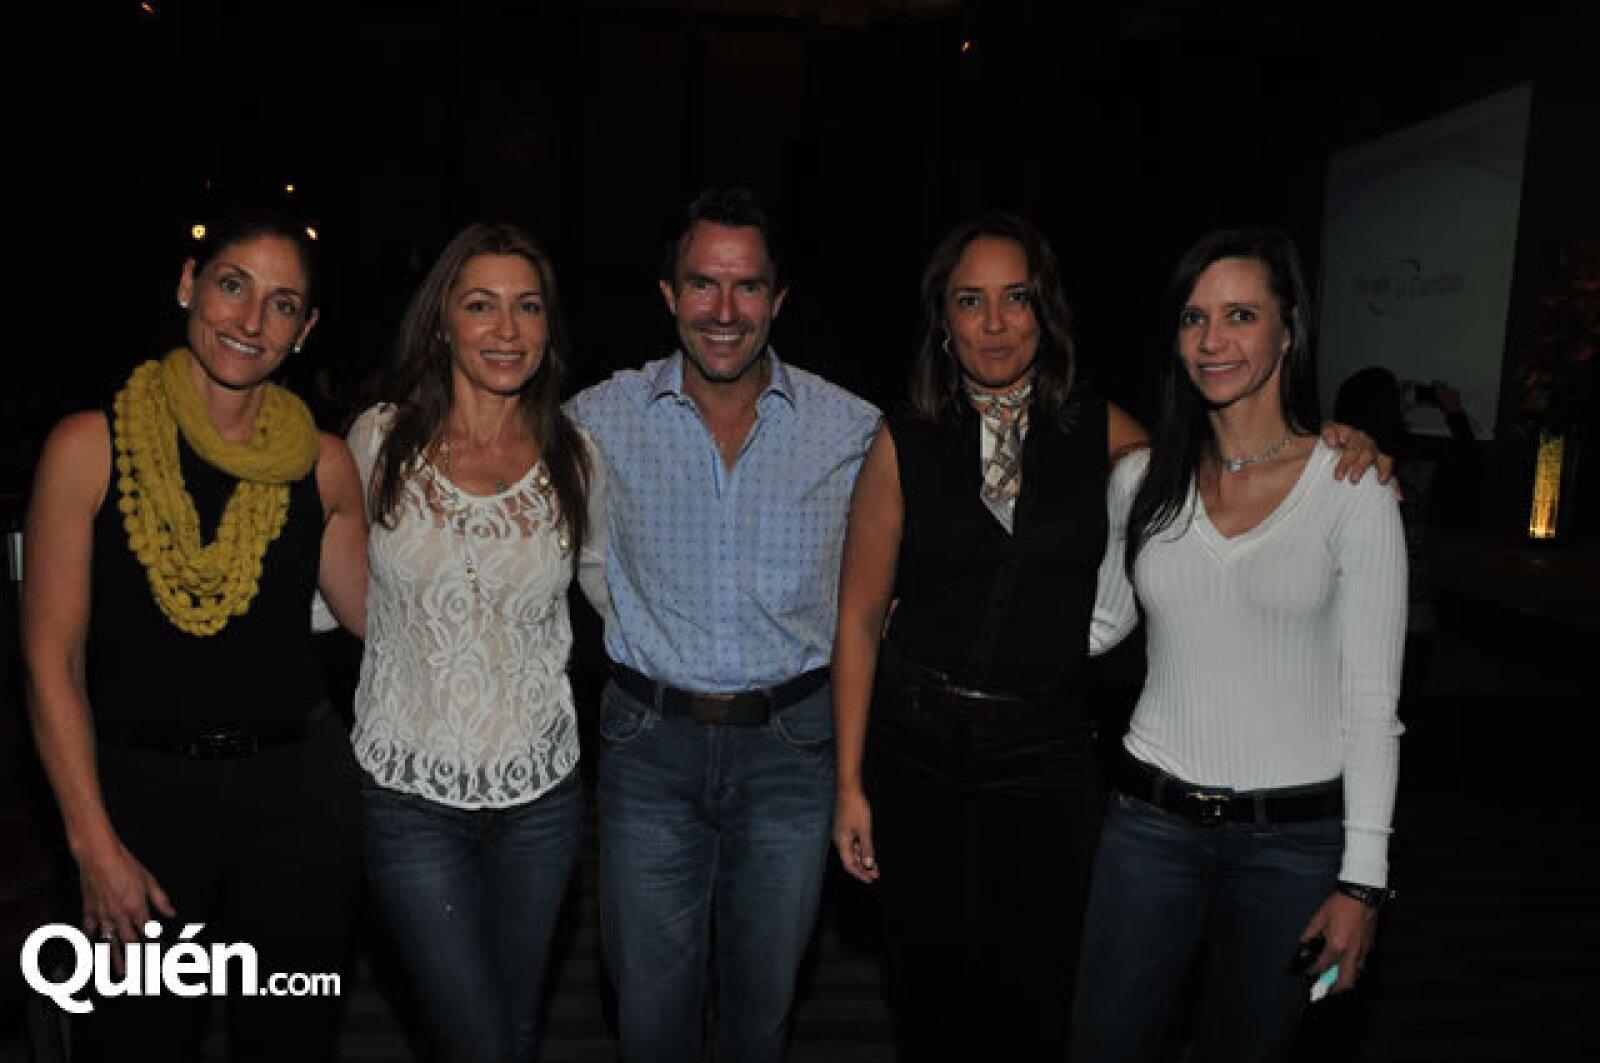 Carla Pérez-Galicia, Ruth Serrano, Fernando Landeros y Sabrina y Renata Herrera